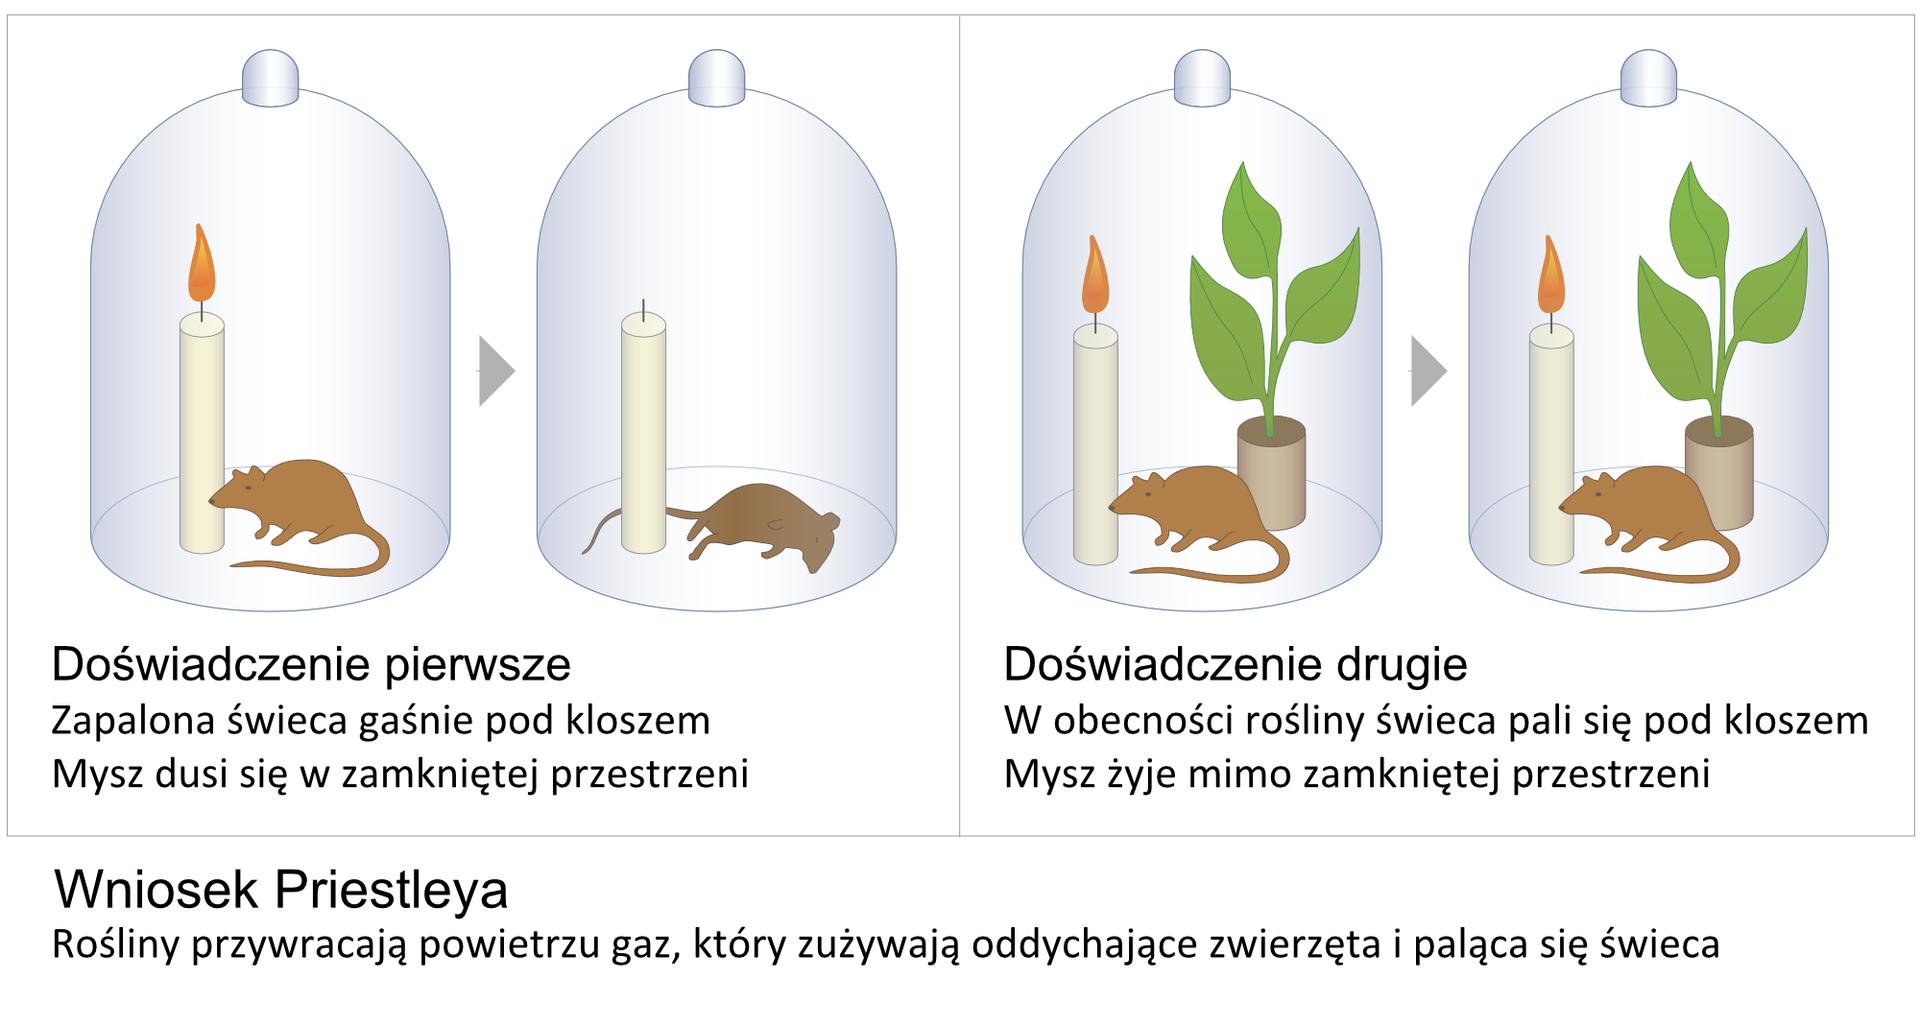 Ilustracja przedstawia eksperyment, wykonany przez uczonego onazwisku Priestley. Wdwóch polach znajdują się cztery słoje. Po lewej wpierwszym słoju znajduje się zapalona świeczka istojąca mysz. Strzałka prowadzi do ilustracji tego samego słoja, ale po jakimś czasie. Świeczka wnim się nie pali, amysz leży. Po prawej wpierwszym słoju znajduje się zapalona świeczka, stojąca mysz izielona roślina doniczkowa. Strzałka wskazuje ten sam słój po jakimś czasie. Nic się wnim nie zmieniło. Pod ilustracją wypisano wniosek Priestleya: rośliny przywracają powietrzu gaz, który zużywają oddychające zwierzęta ipaląca się świeczka.